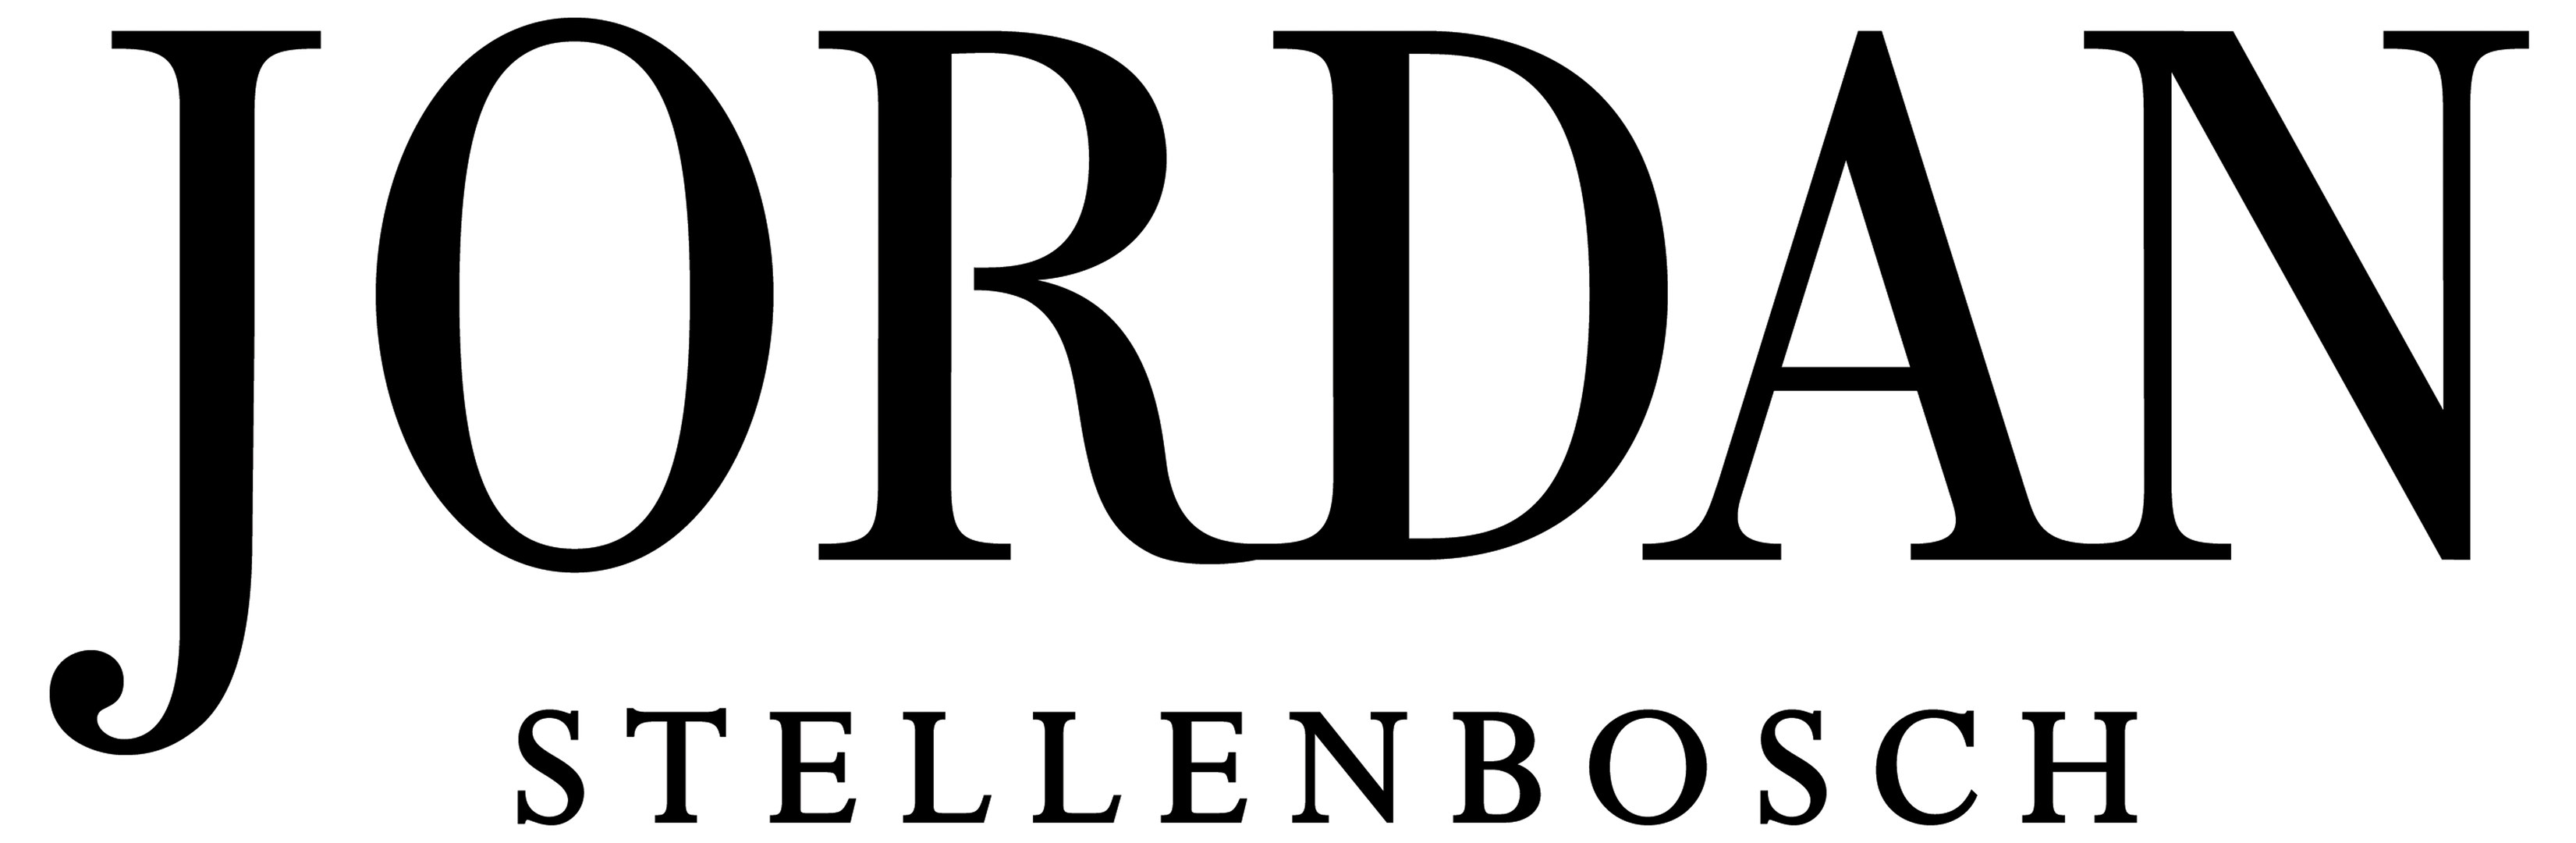 JORDAN-Logo-Med-Res.jpg